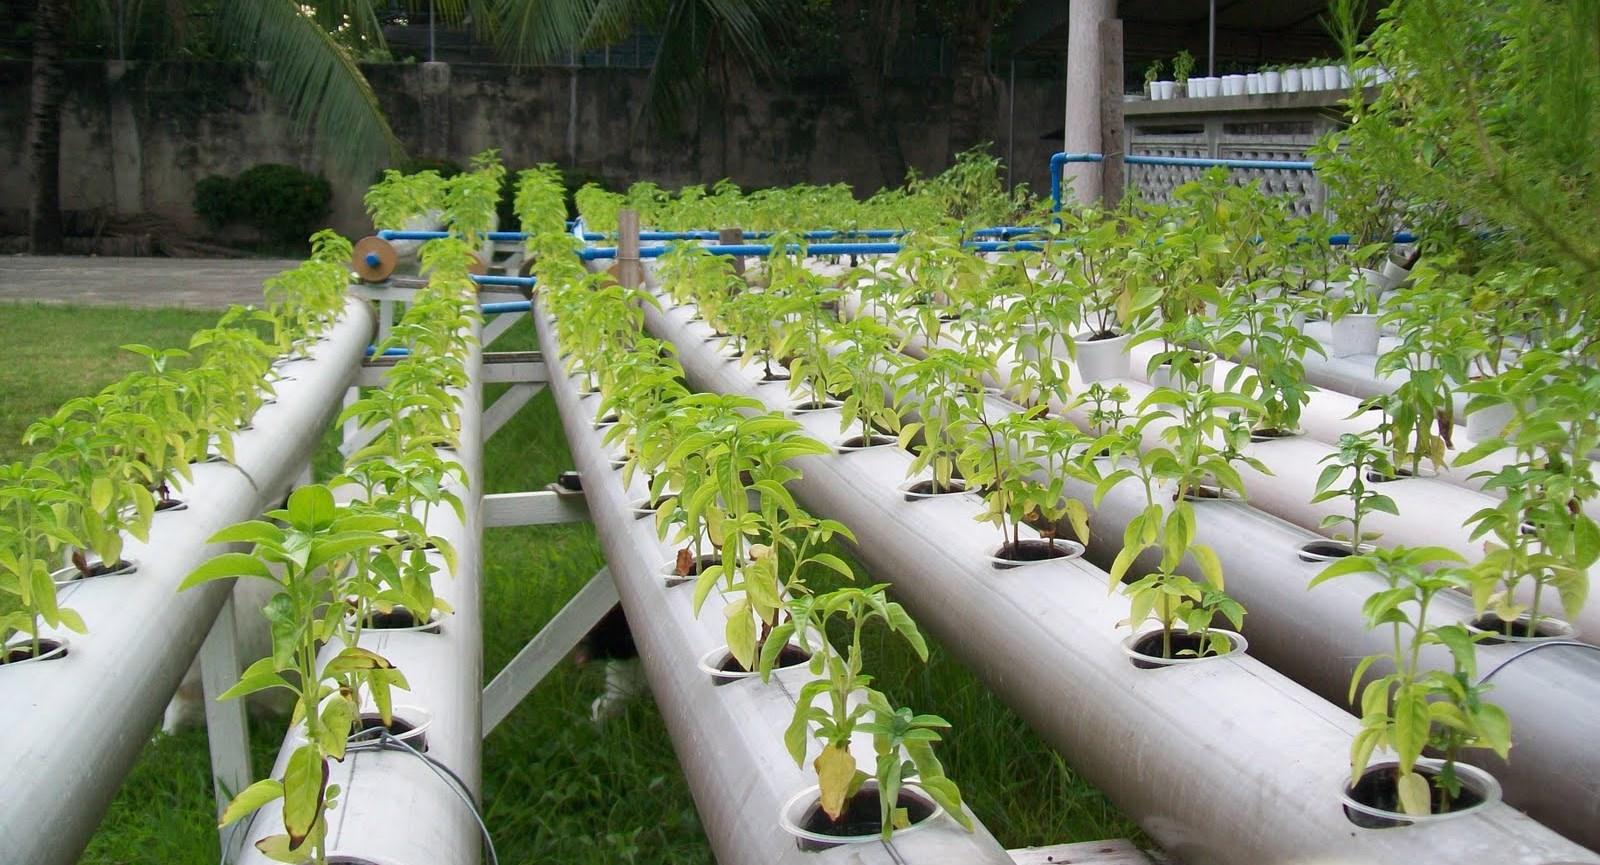 Огурцы - выращивание, посадка, уход. В открытом грунте и 24